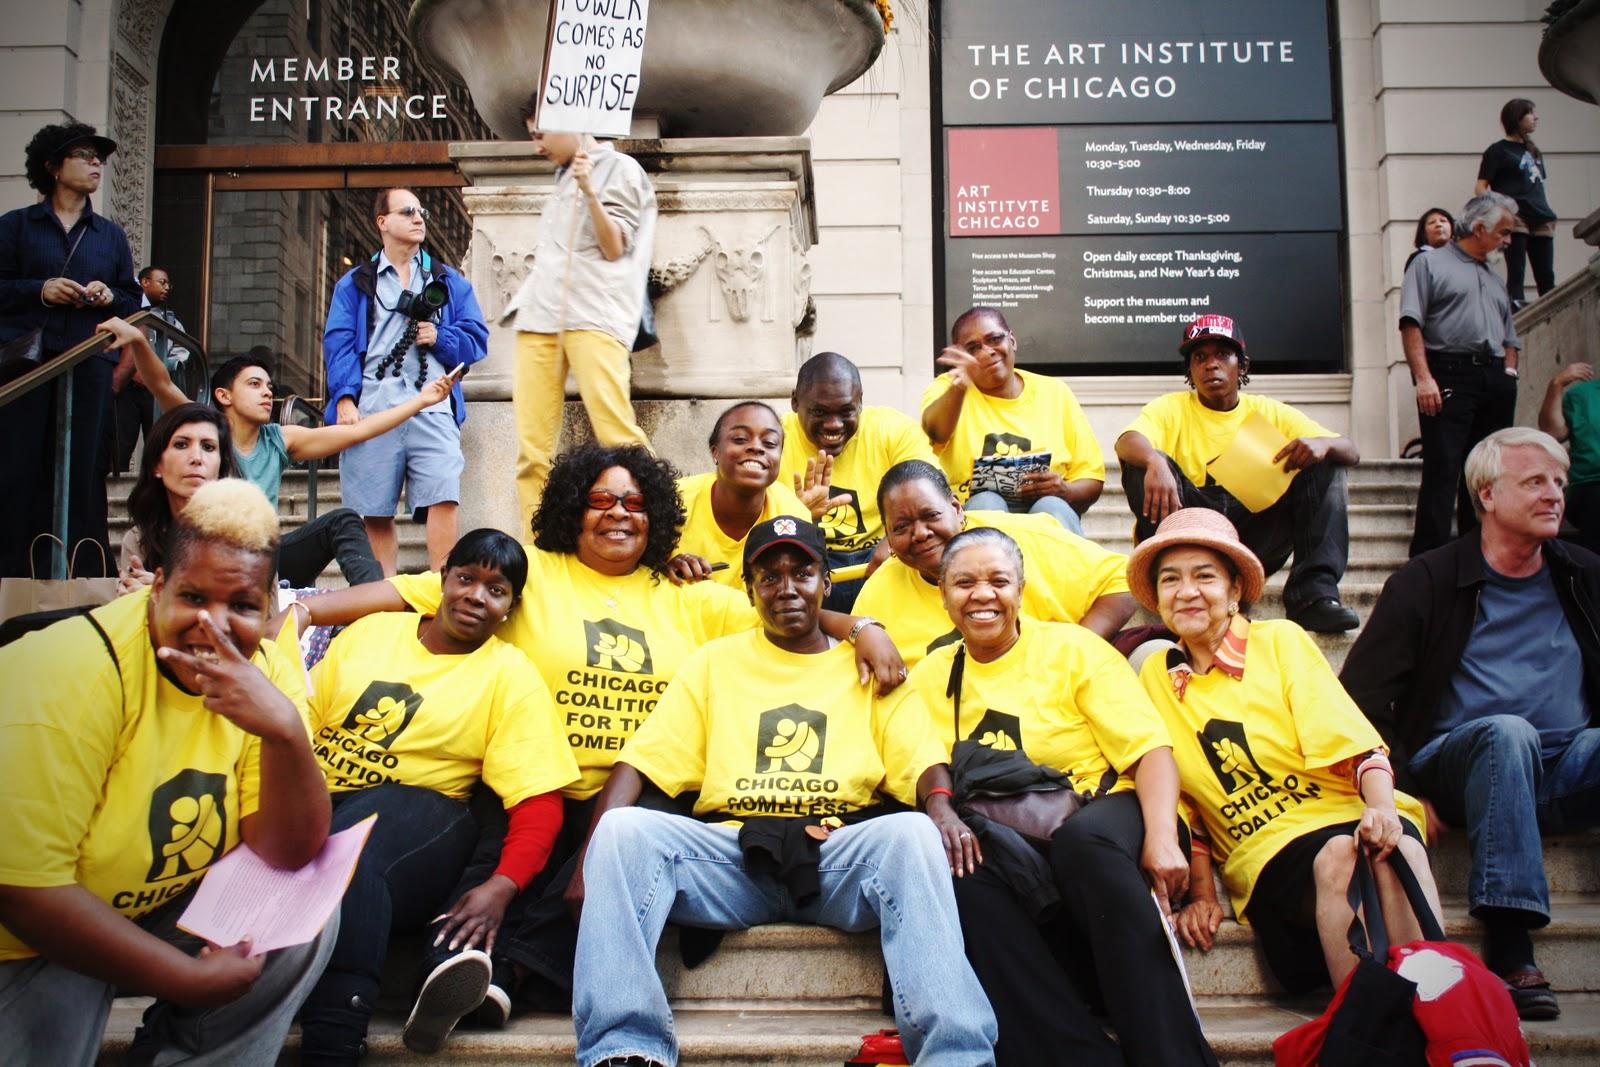 Chicago coalition for the homeless httpwww